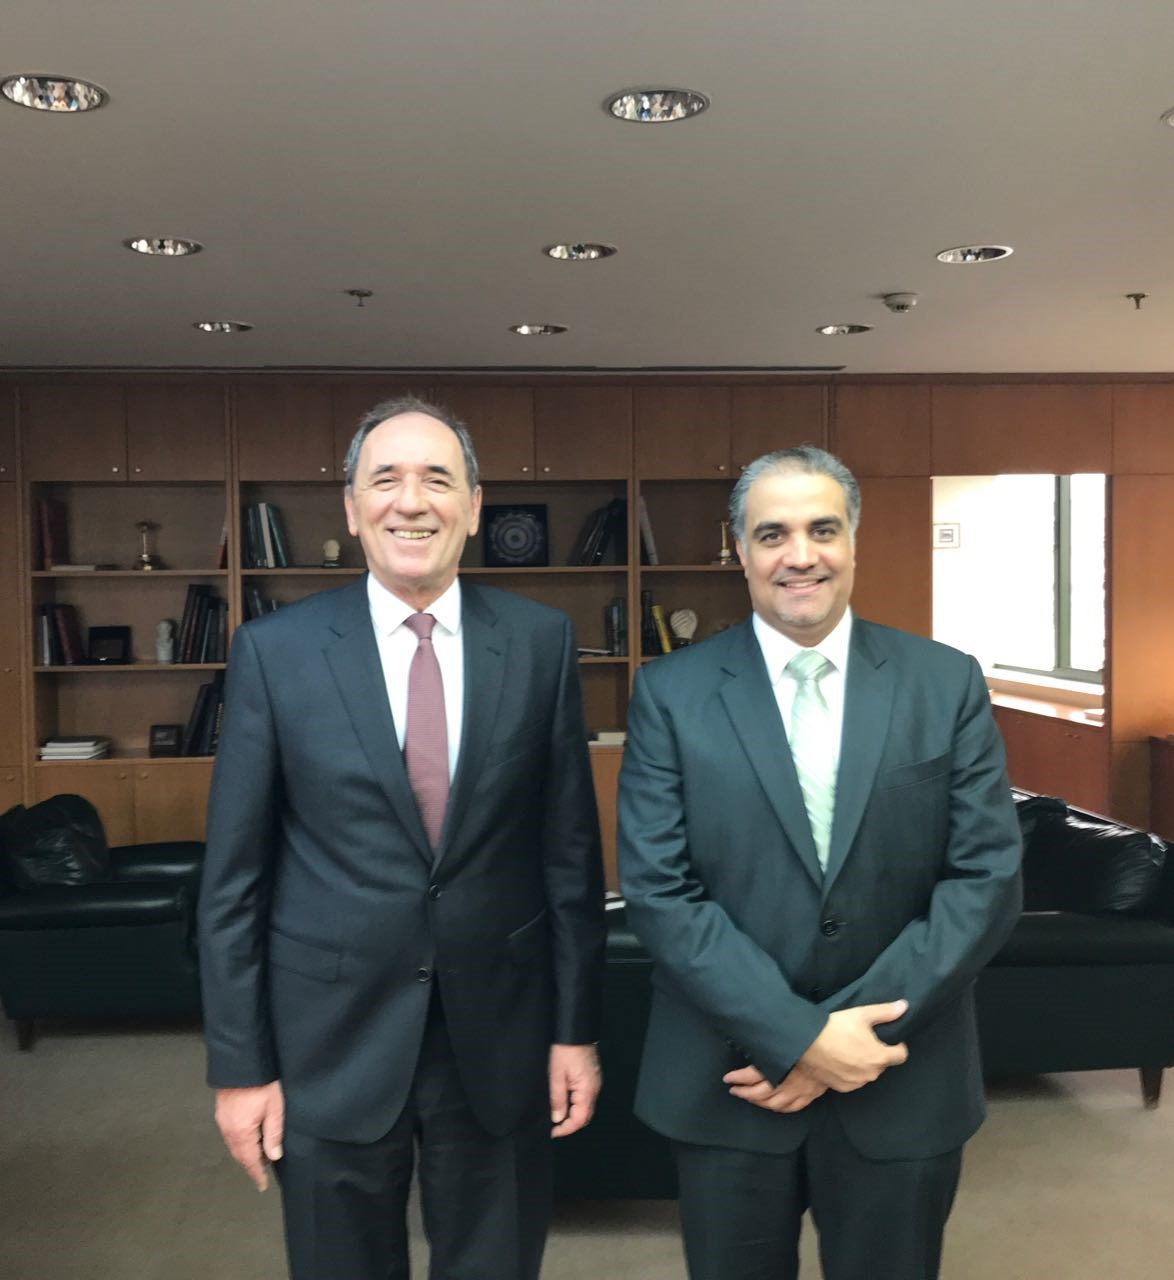 وزير البيئة والطاقة اليوناني يجتمع مع سفير قطر